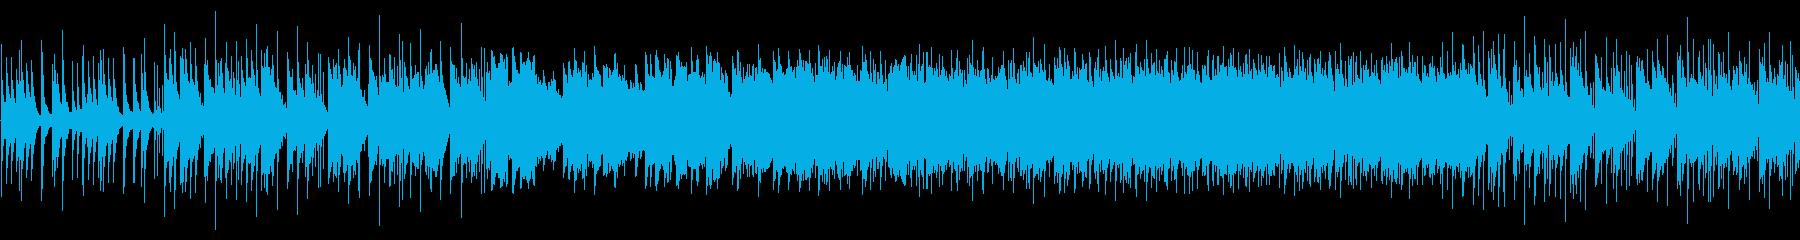 ファンタジーな森のBGMの再生済みの波形